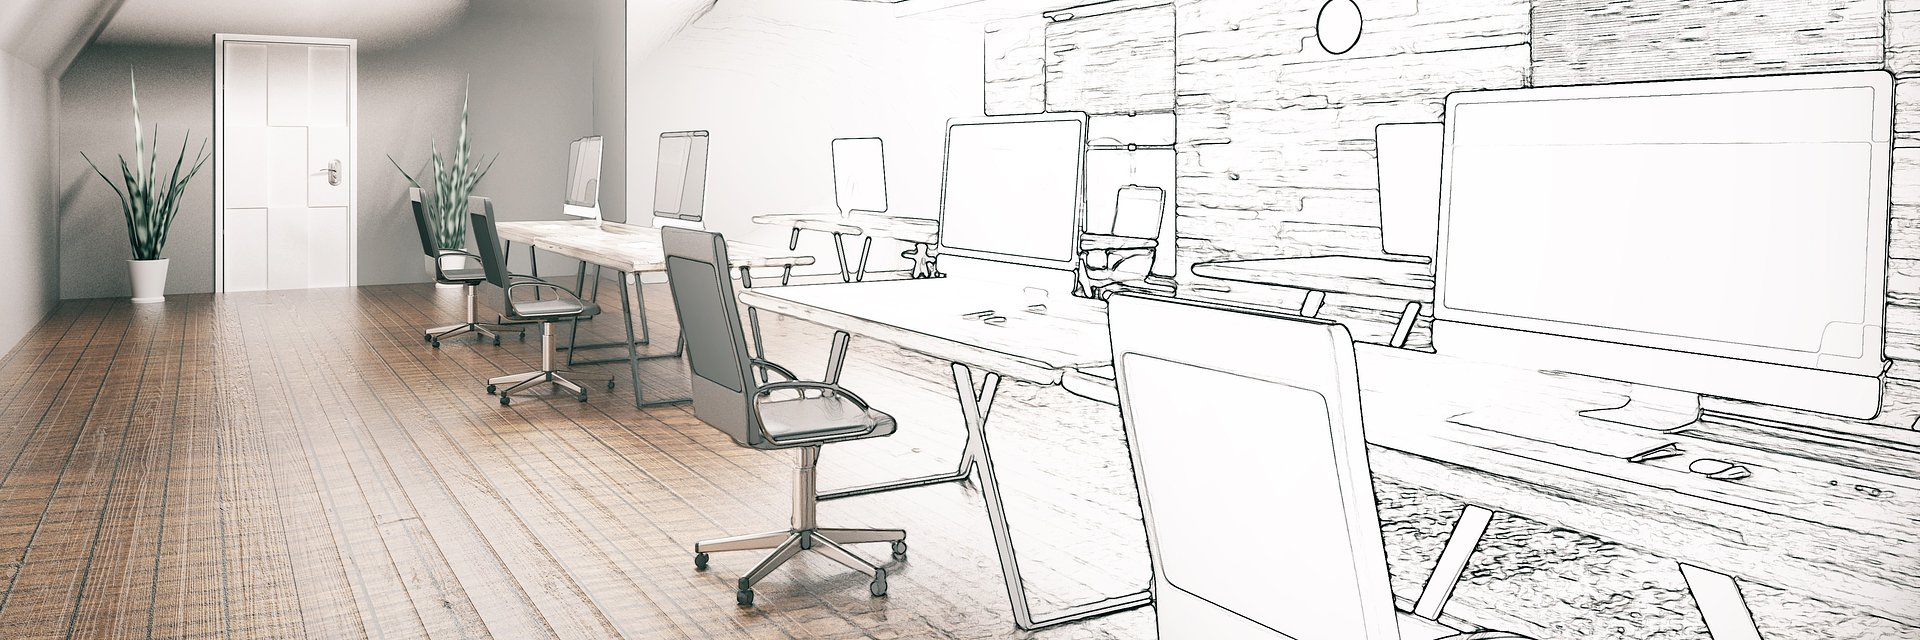 Dobre prognozy dla biur w Warszawie: wysoki poziom przednajmu i coraz większe powierzchnie